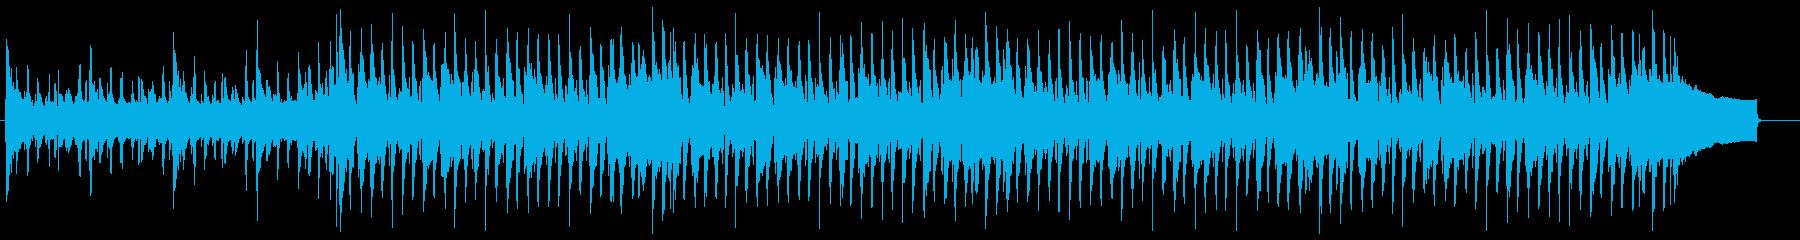 CMでもお馴染みのコーポレートサウンド♪の再生済みの波形